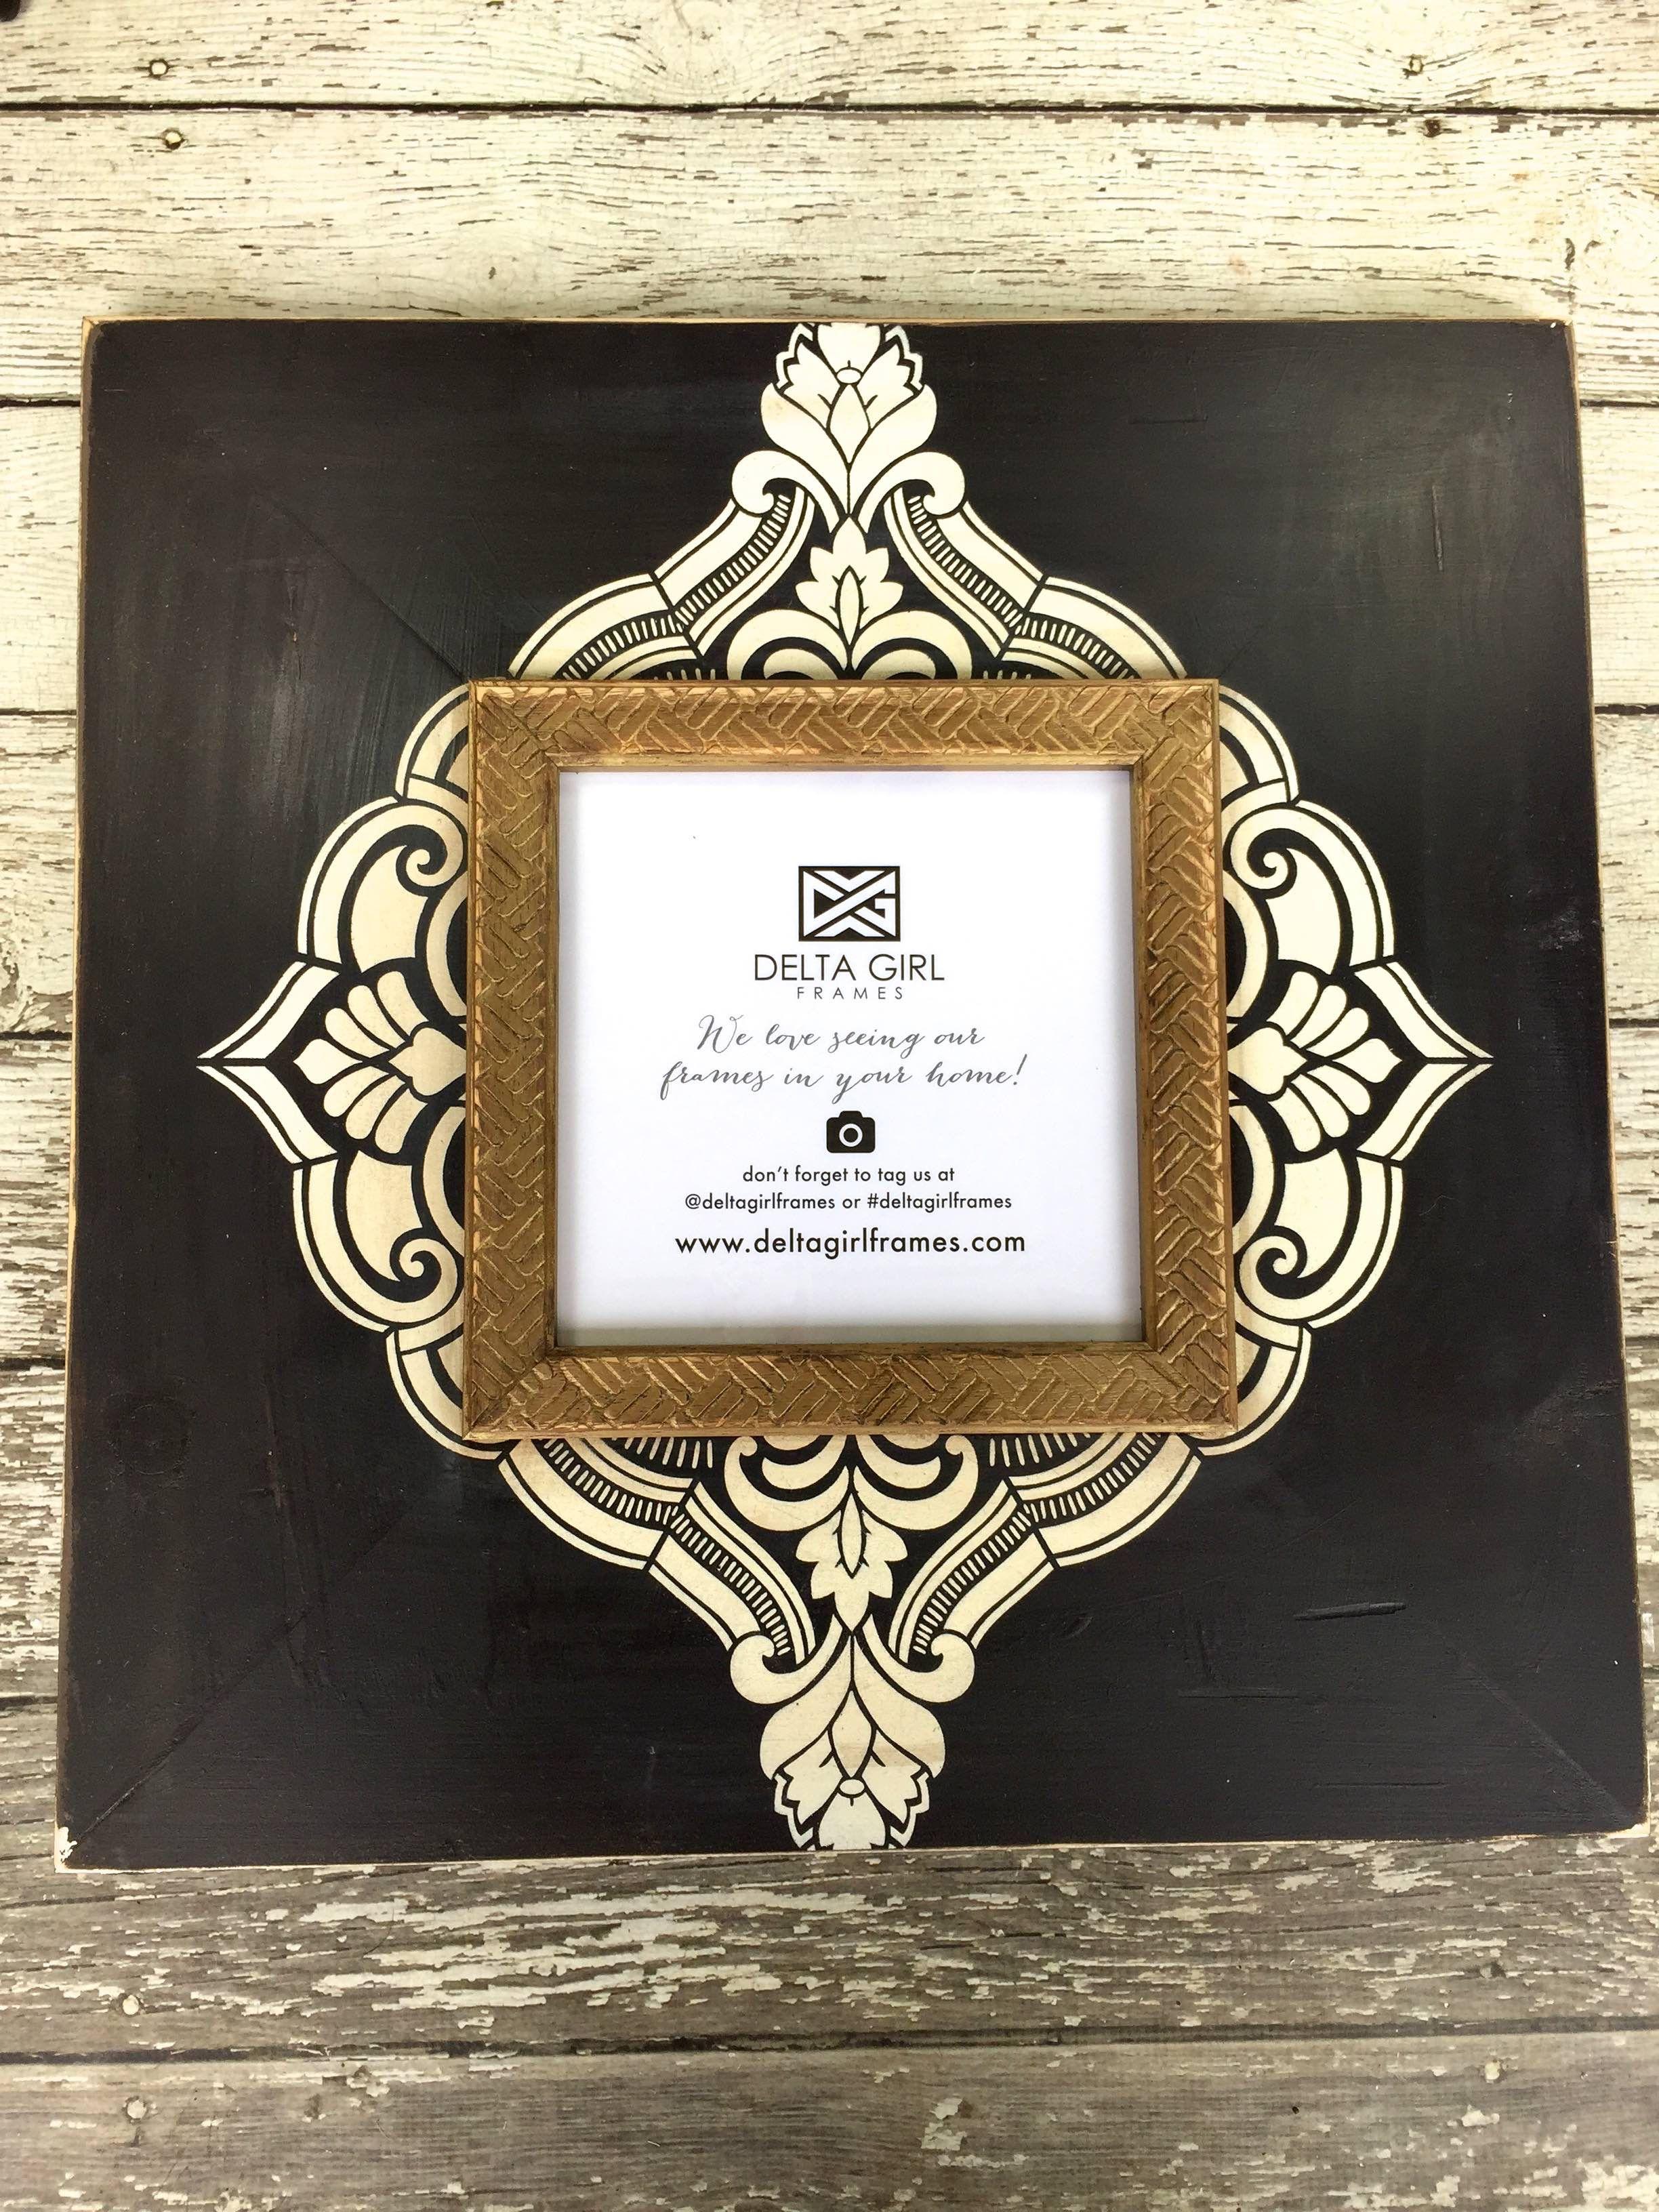 NEW 8x8 Henna Frame www.deltagirlframes.com #blackandwhite #henna ...